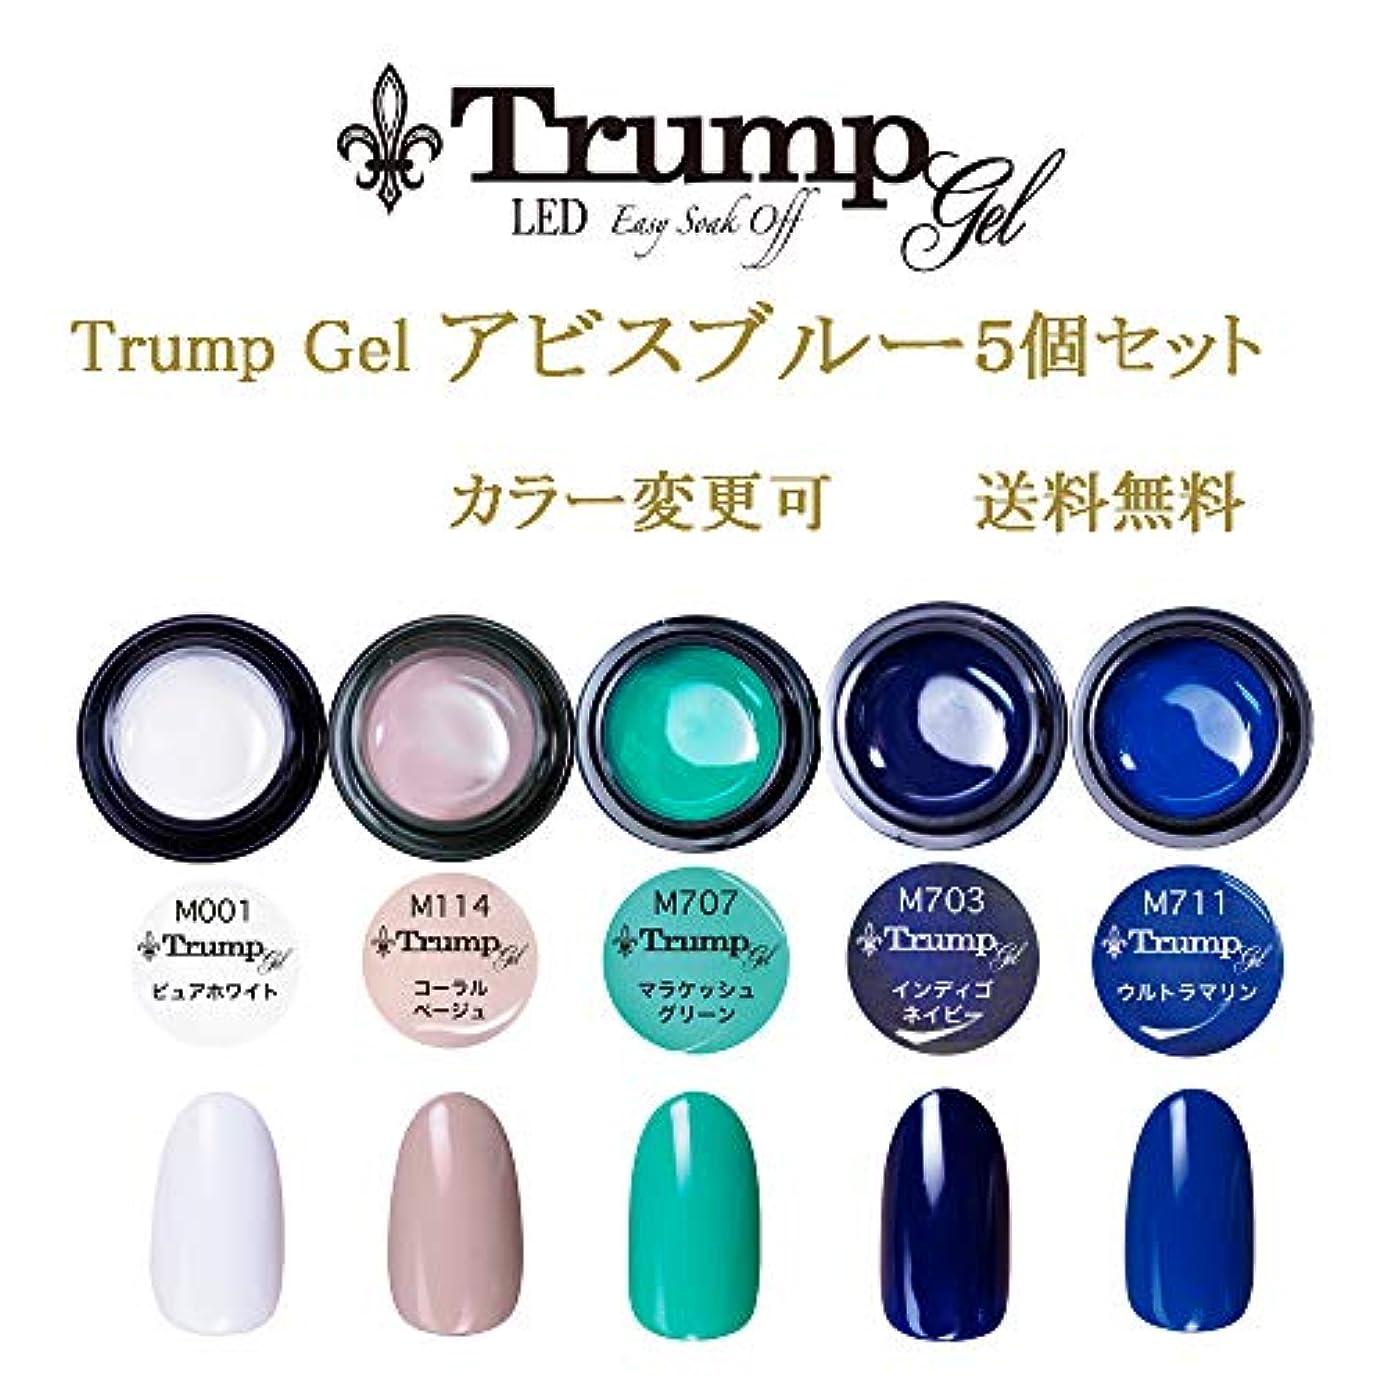 カルシウム明るくする麺日本製 Trump gel トランプジェル アビスブルーカラー 選べる カラージェル 5個セット ブルー ベージュ ターコイズ